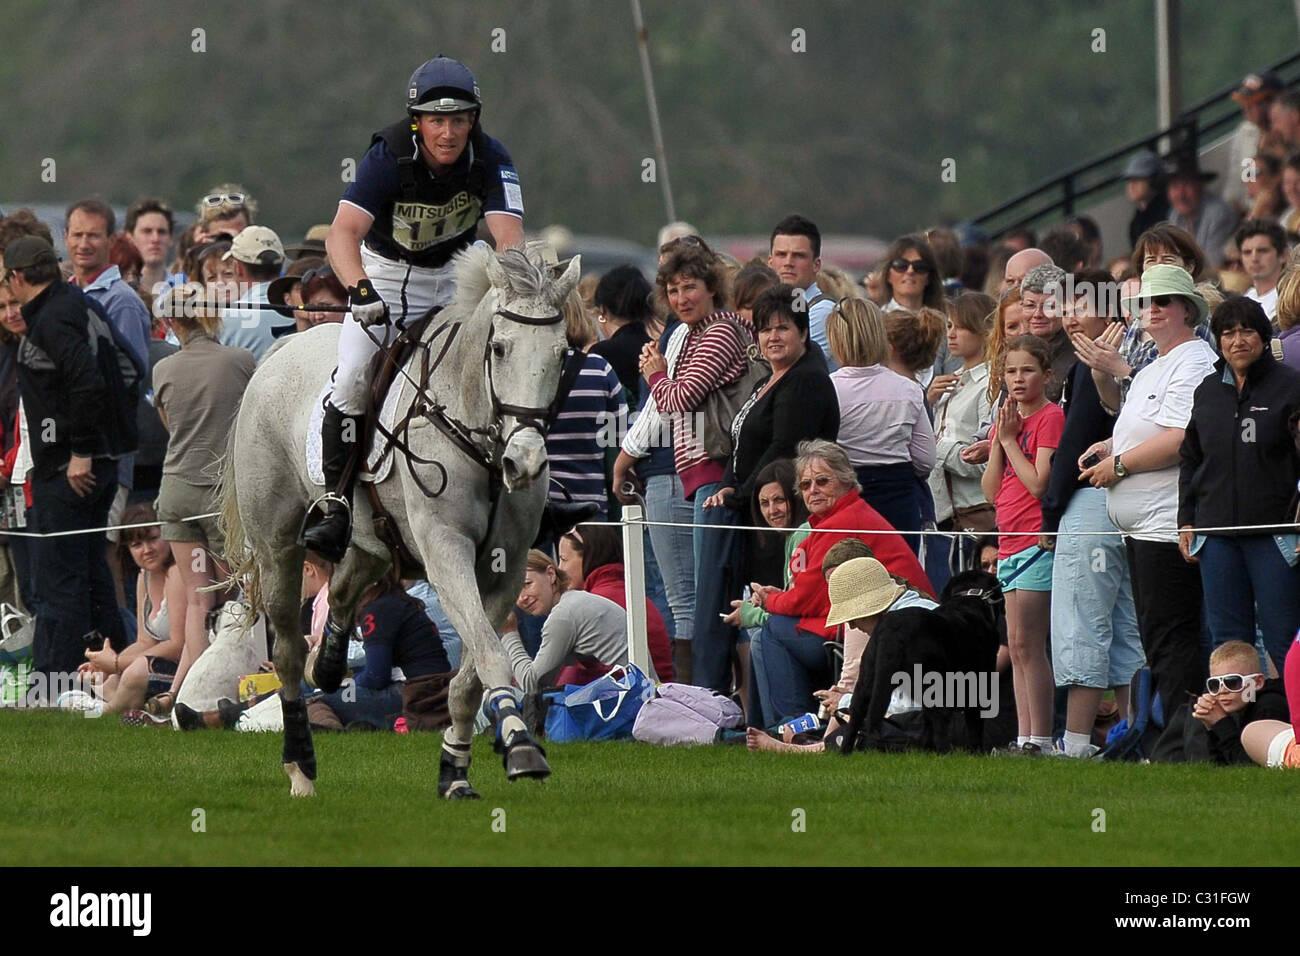 Oliver Townend equitazione CROCIERA ASHDALE MASTER galoppa verso il recinto 21 guardato dagli spettatori. Mitsubishi Immagini Stock